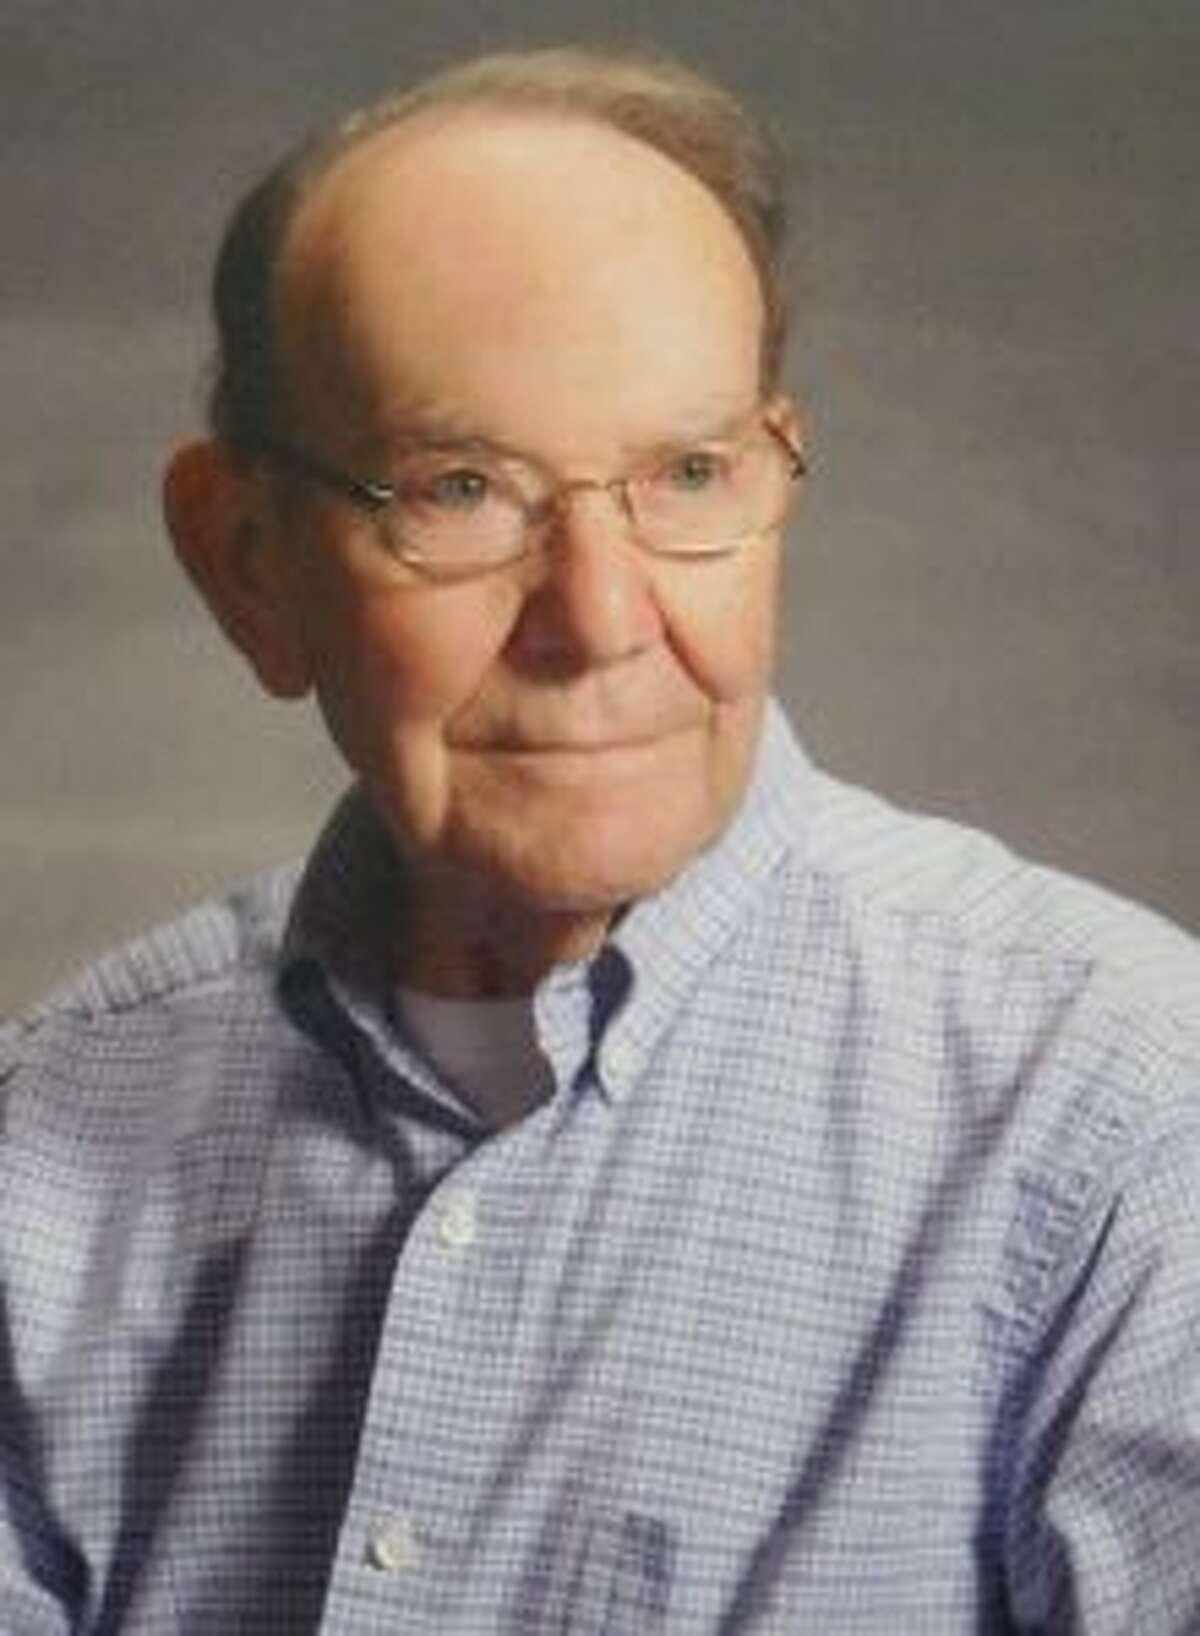 Charles H. Hofacker